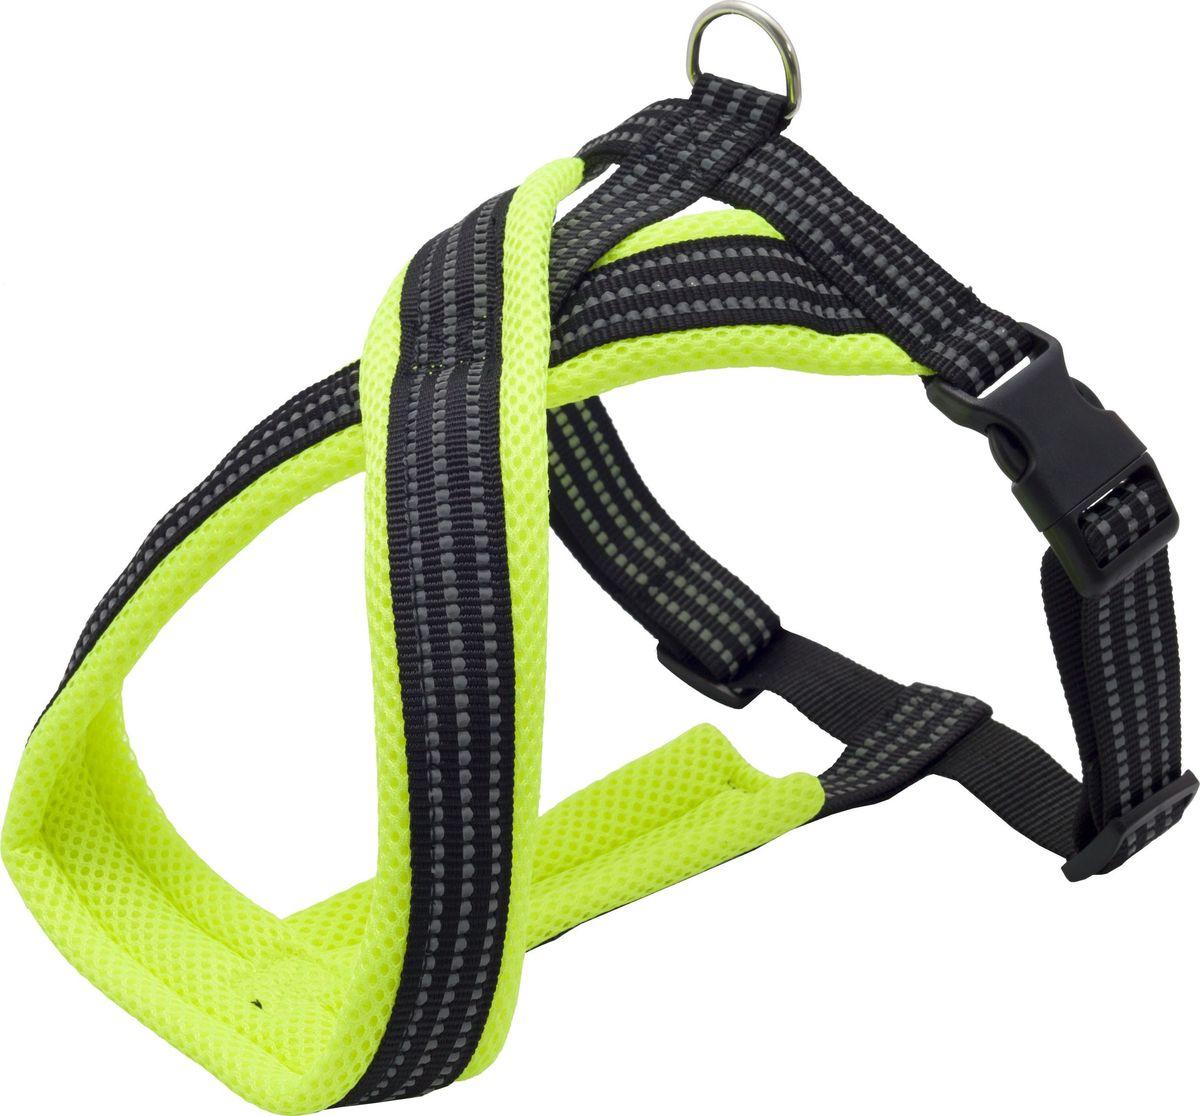 Шлейка для собак Каскад, цвет: зеленый, 1,5 х 26 х 34-45 см01215016-05Шлейка с мягкой подкладкой не вытирает и не сдавливает шерсть собаки. Надежная х-образная конструкция шлейки правильно распределяет нагрузку на спину собаки на прогулке. Яркий цвет шлейки сделает собаку более заметной. Объем груди регулируется с помощью пластикового бегунка.